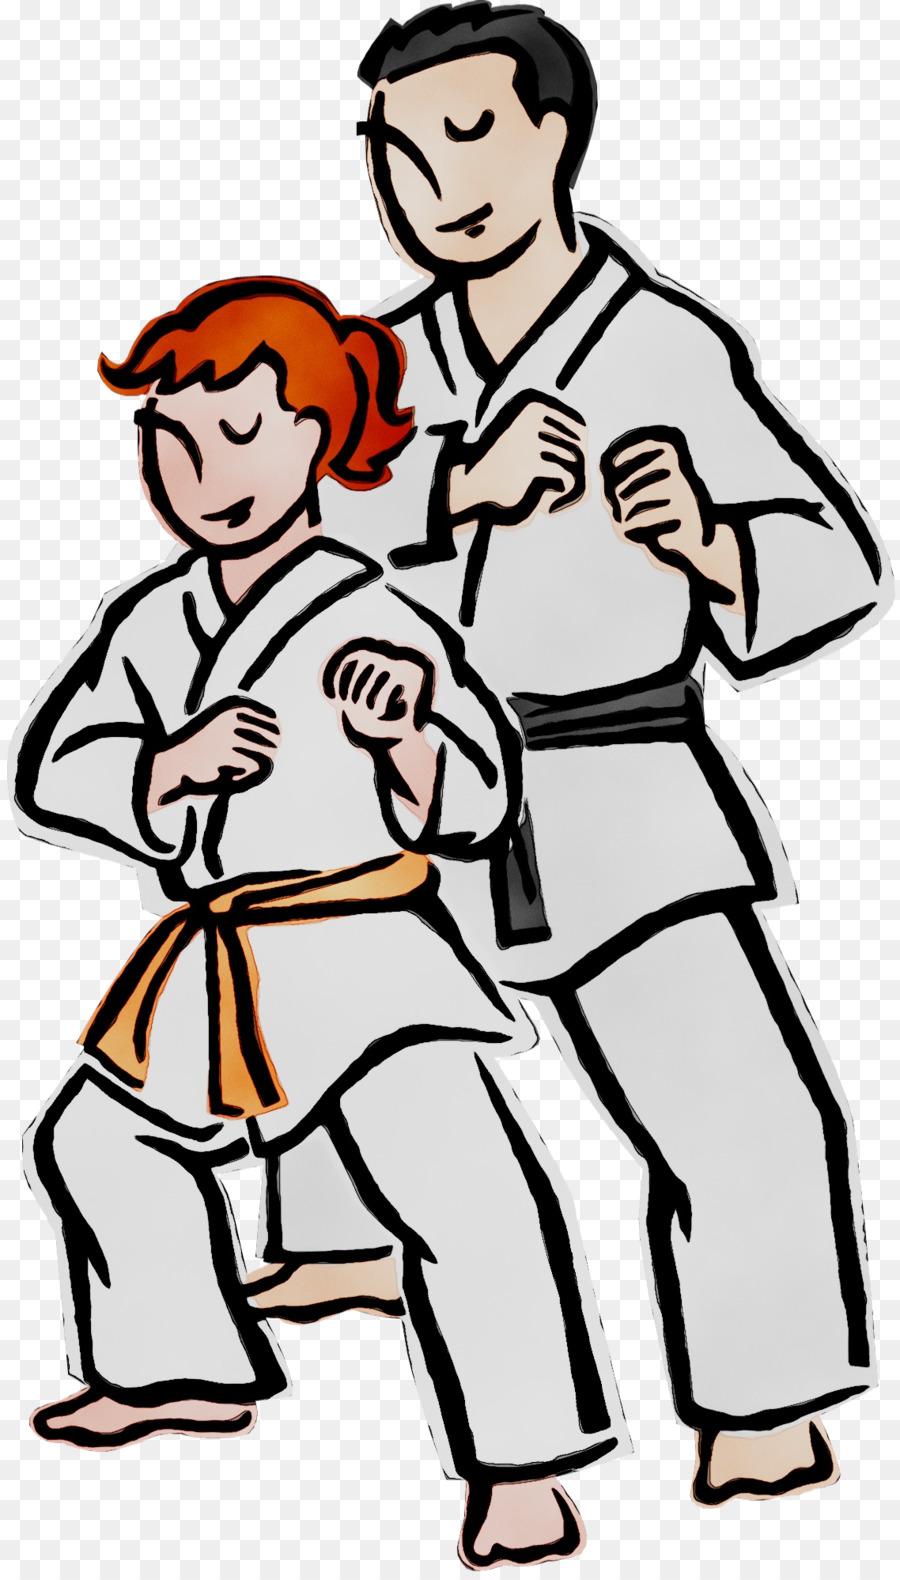 картинки для тренера по каратэ потолки